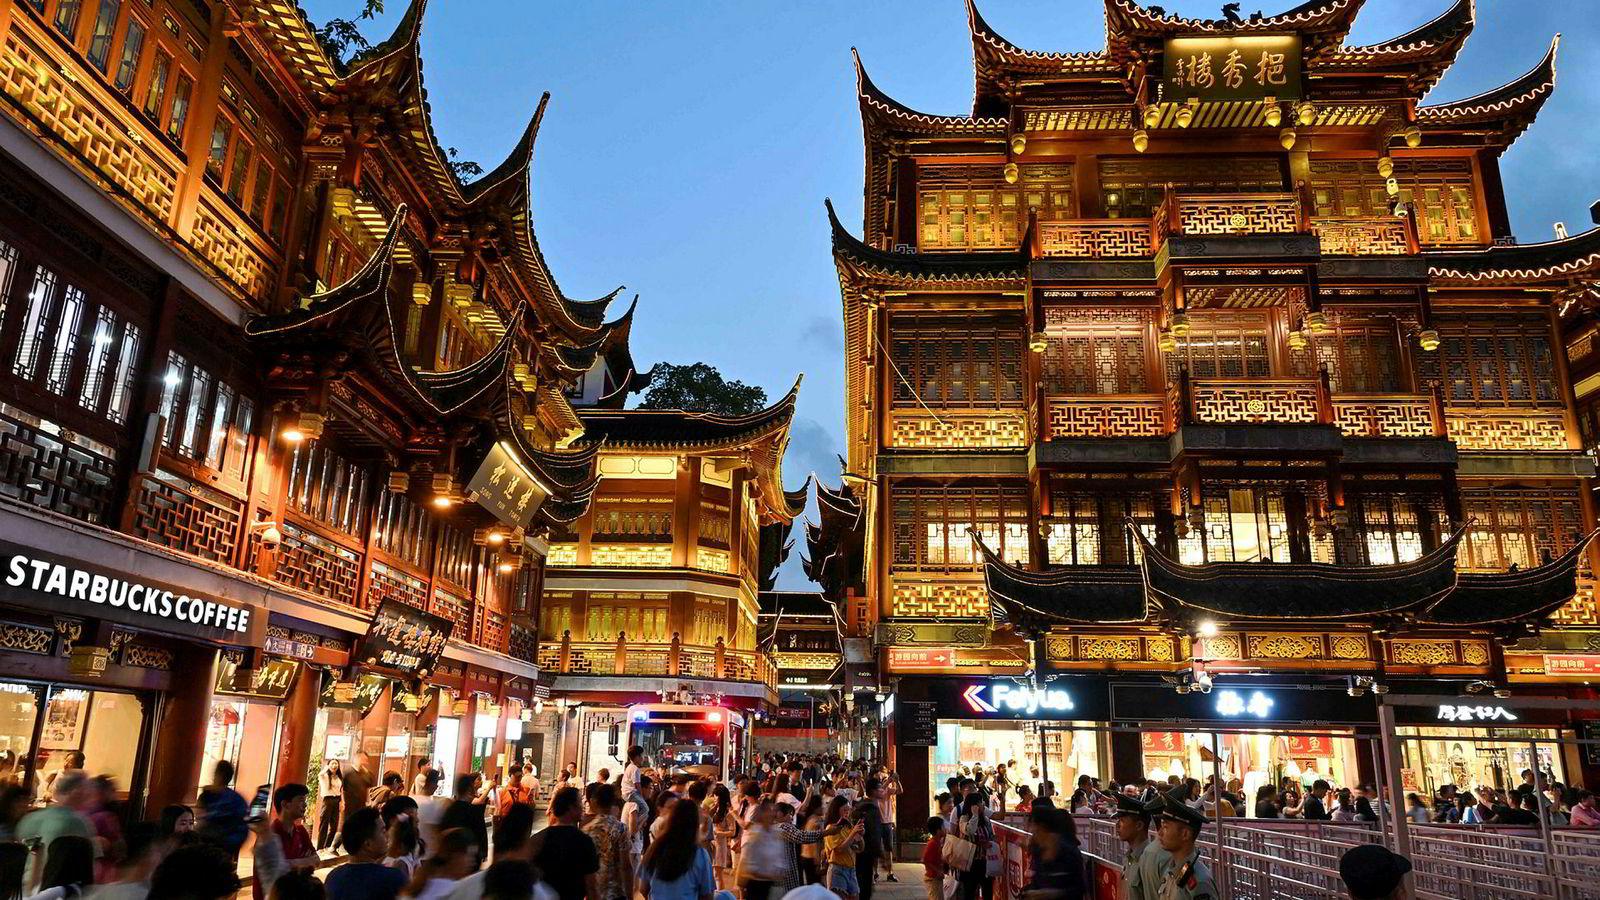 USA skal ha fremmet krav om hundrevis av kinesiske lovendringer for å beskytte opphavsrett. Bildet er tatt i Shanghai.